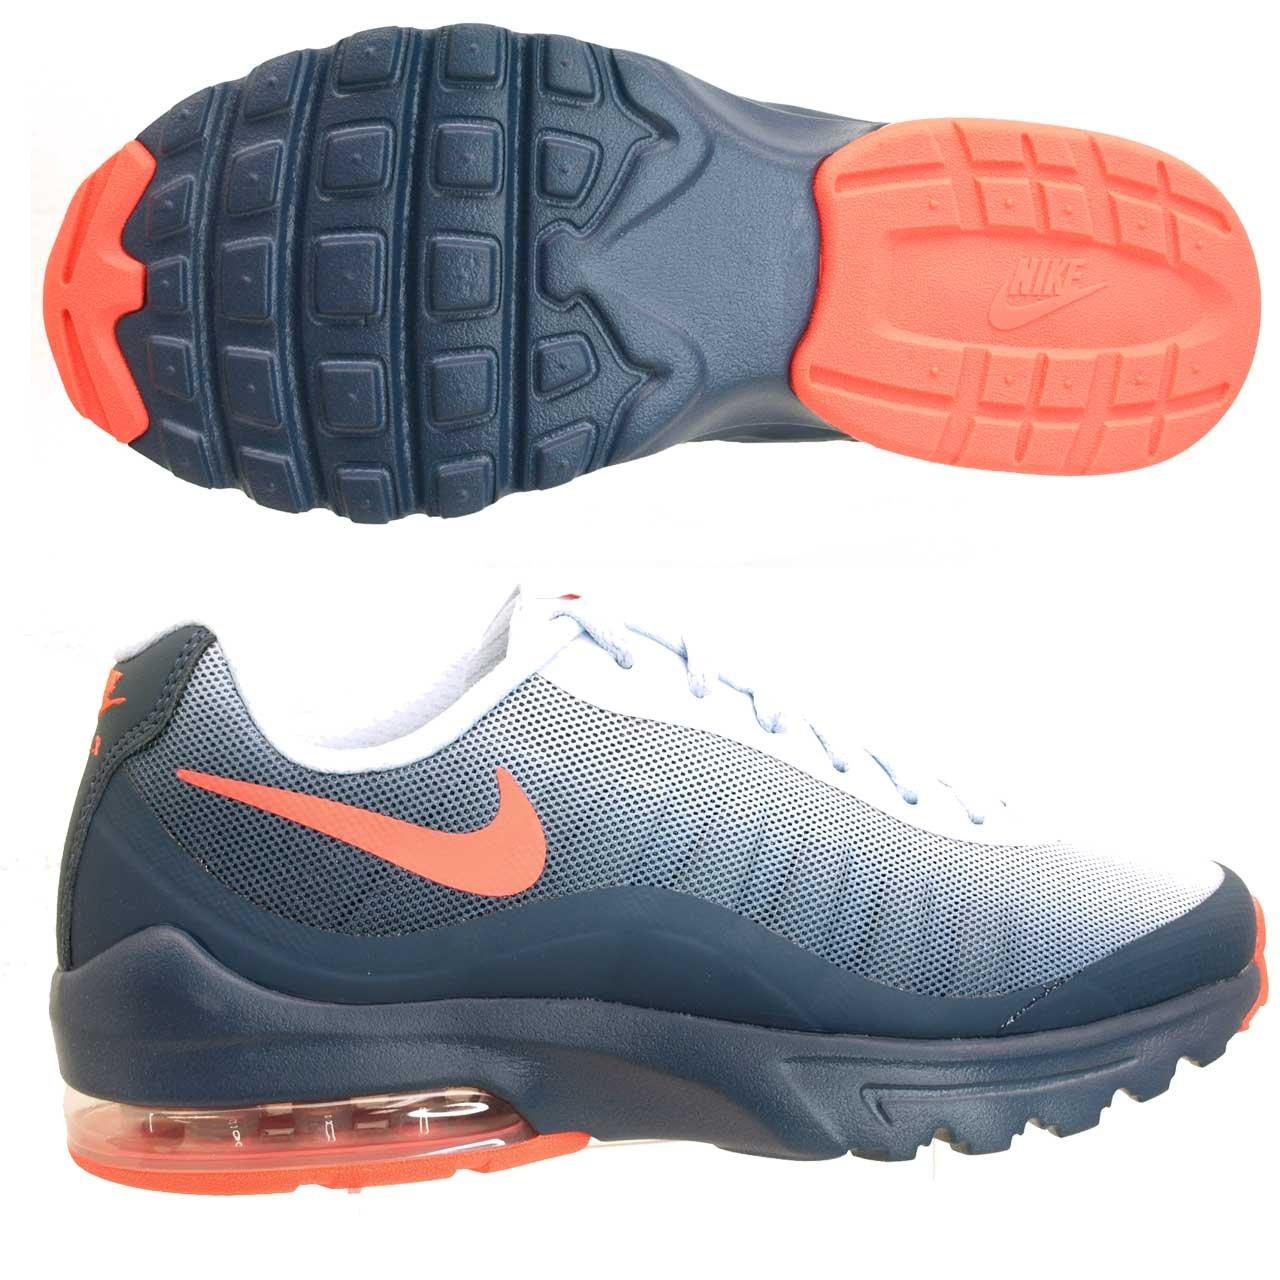 separation shoes 81798 56dce Corsa Nike rilassante con risvolto da donna lunga da tuta 849560-002 Scarpe  da corsa da donna